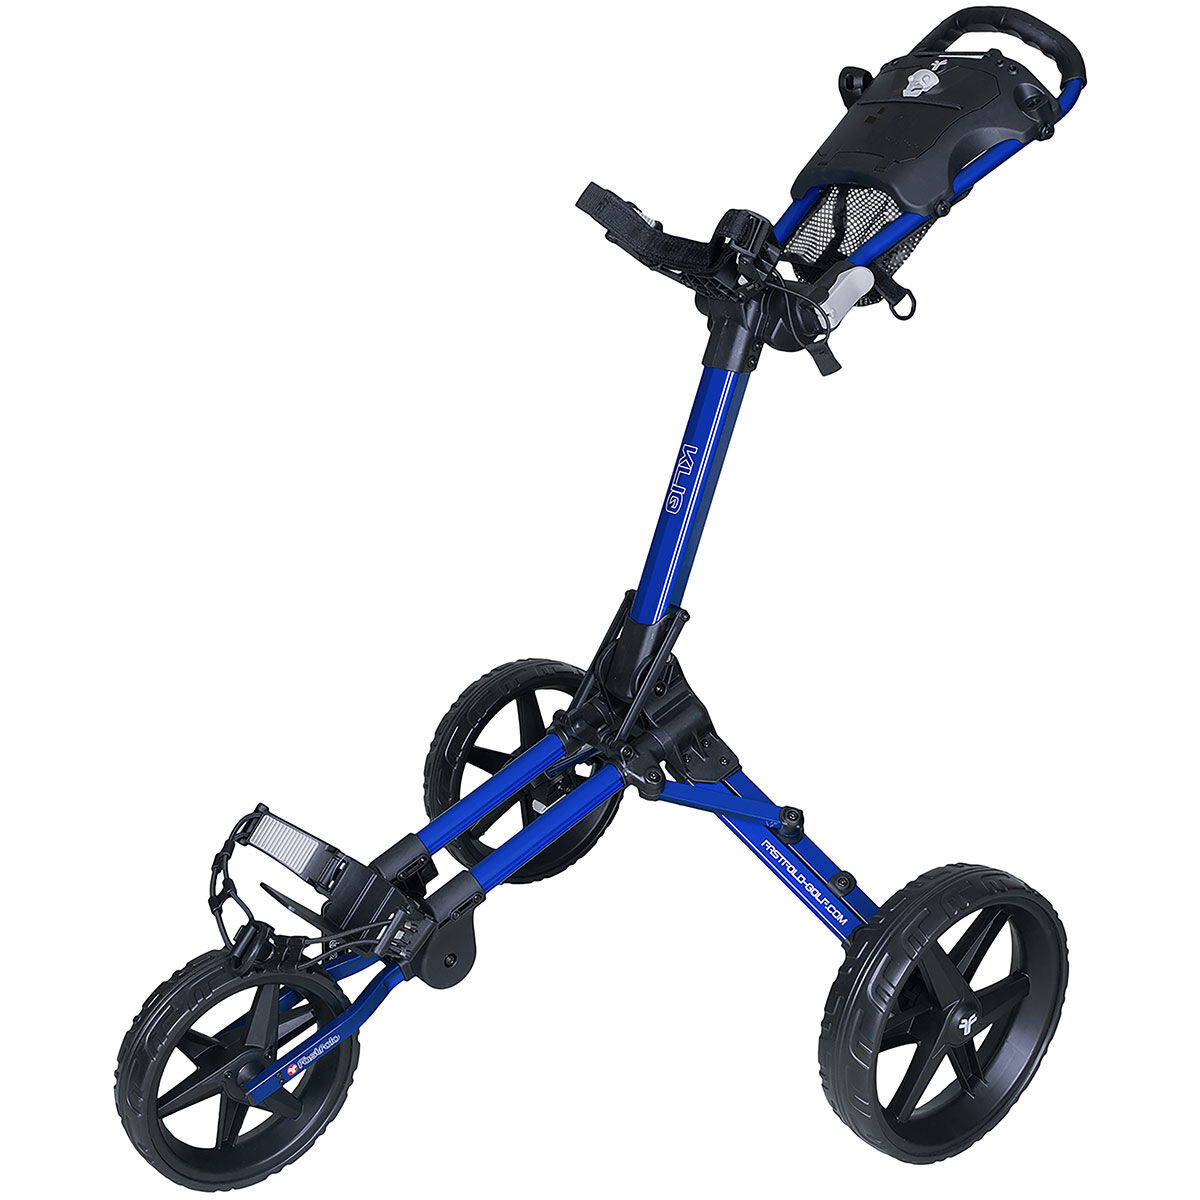 Fast Fold Blue and Black Lightweight Kliq 3 Wheel Push Golf Trolley, Size: One Size | American Golf | American Golf